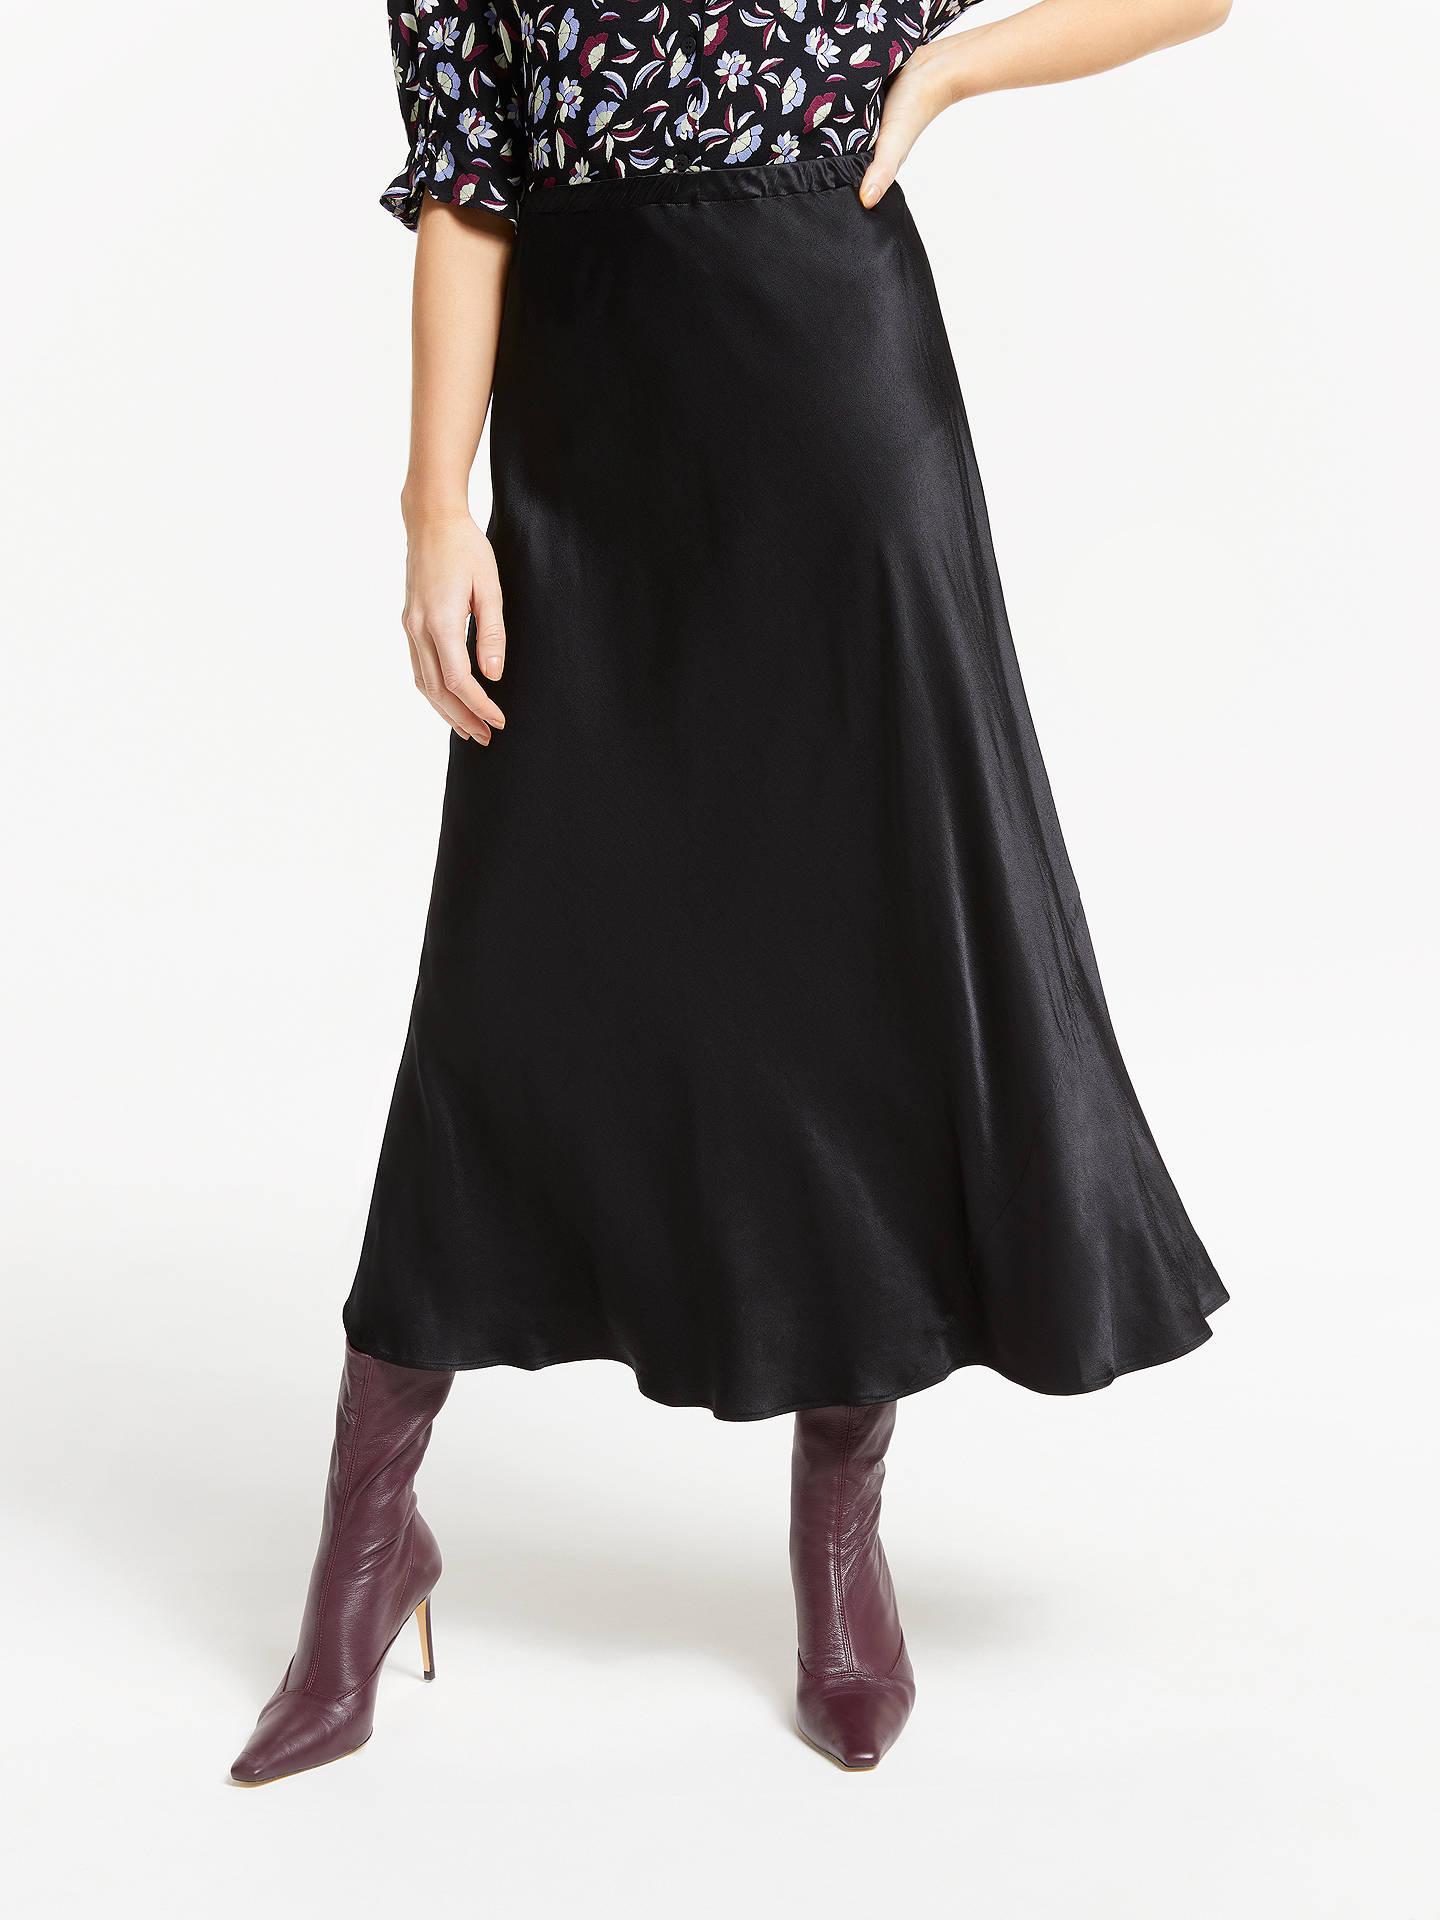 66f3615096 Buy Finery Alberte Satin Skirt, Black, 10 Online at johnlewis.com ...